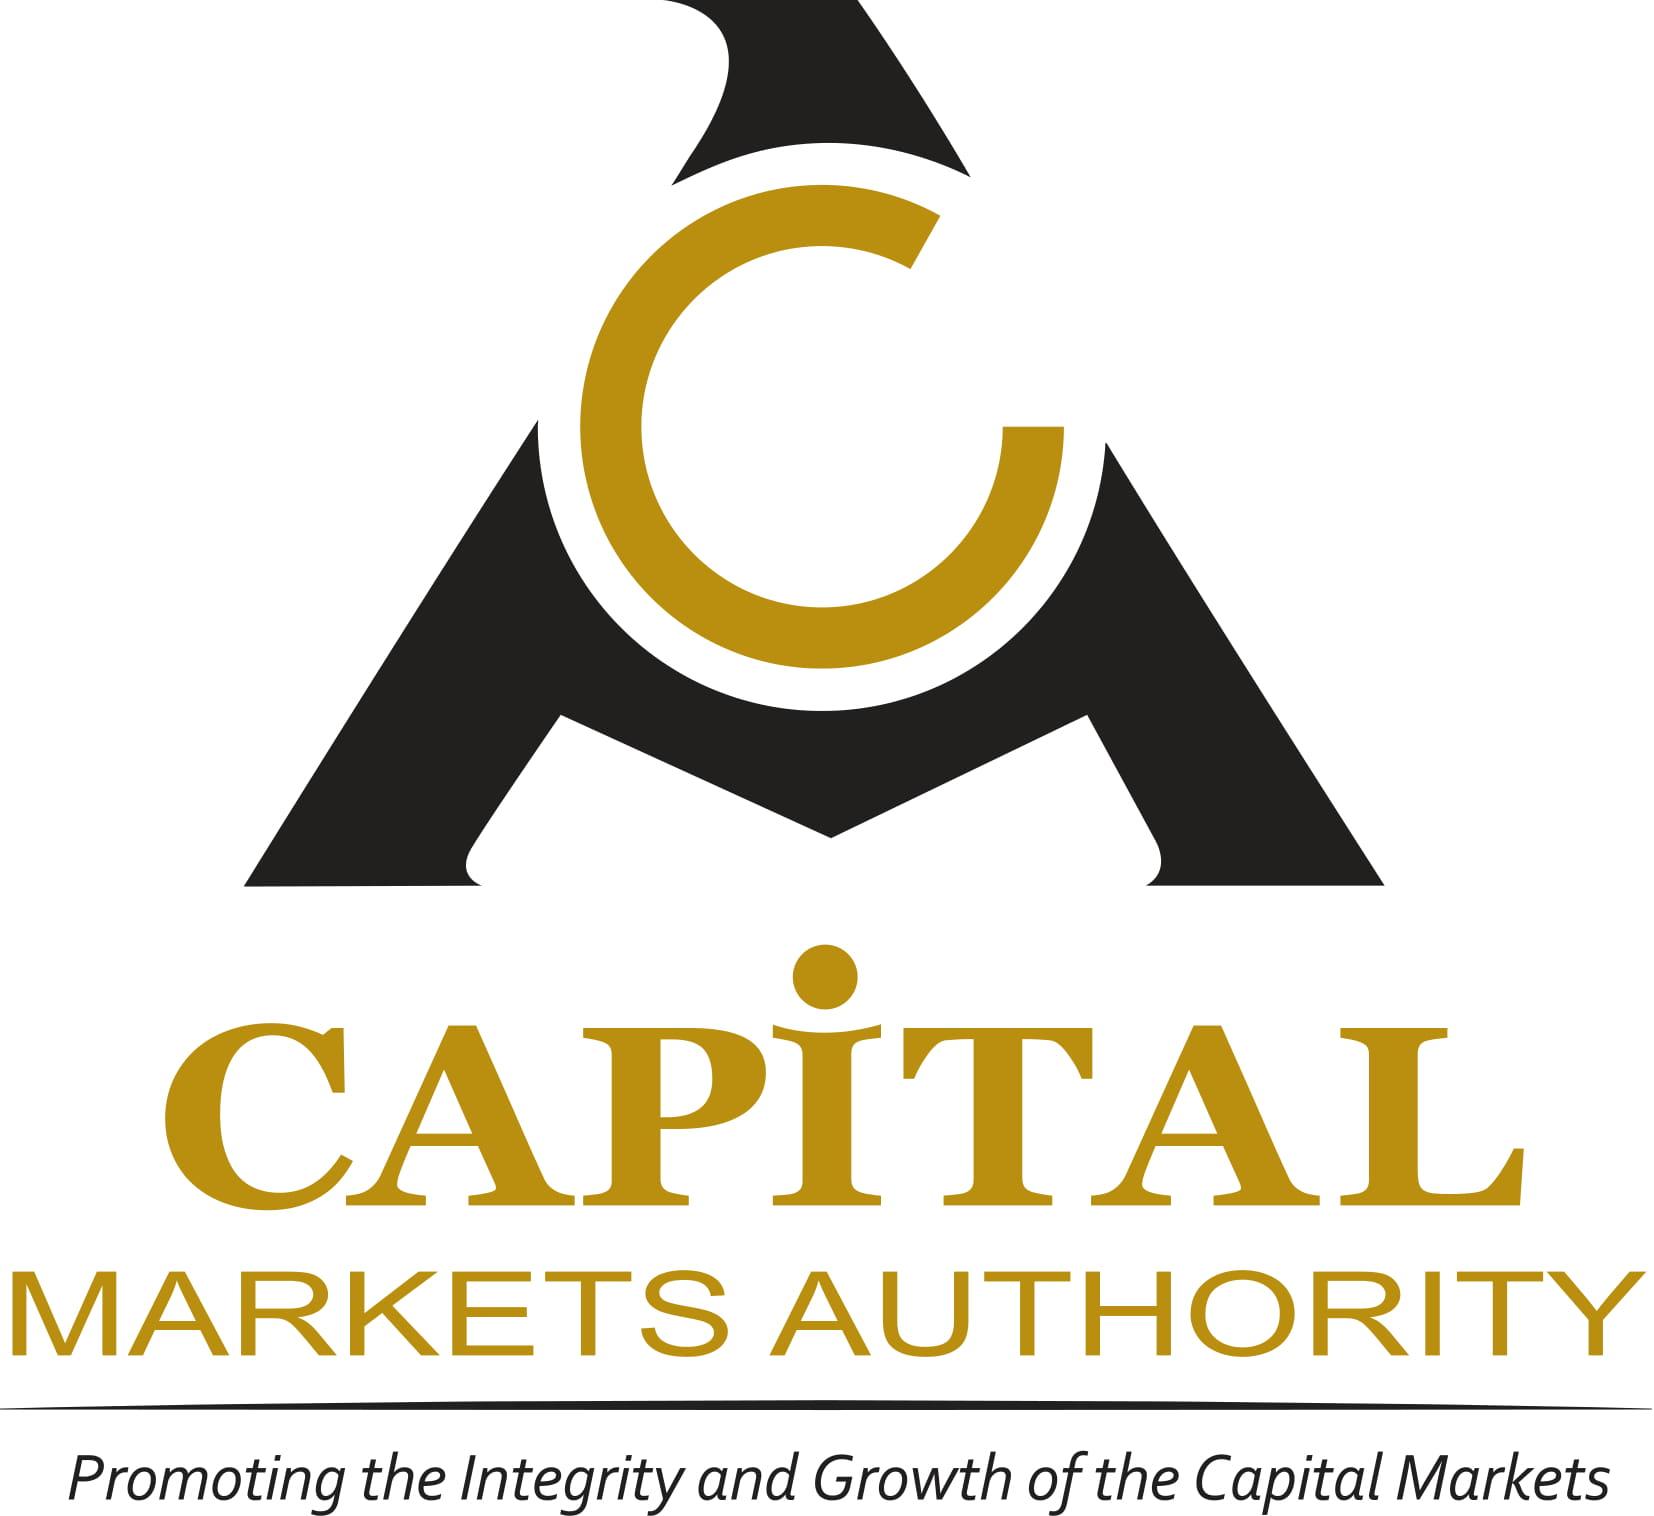 Capital Markets Authority